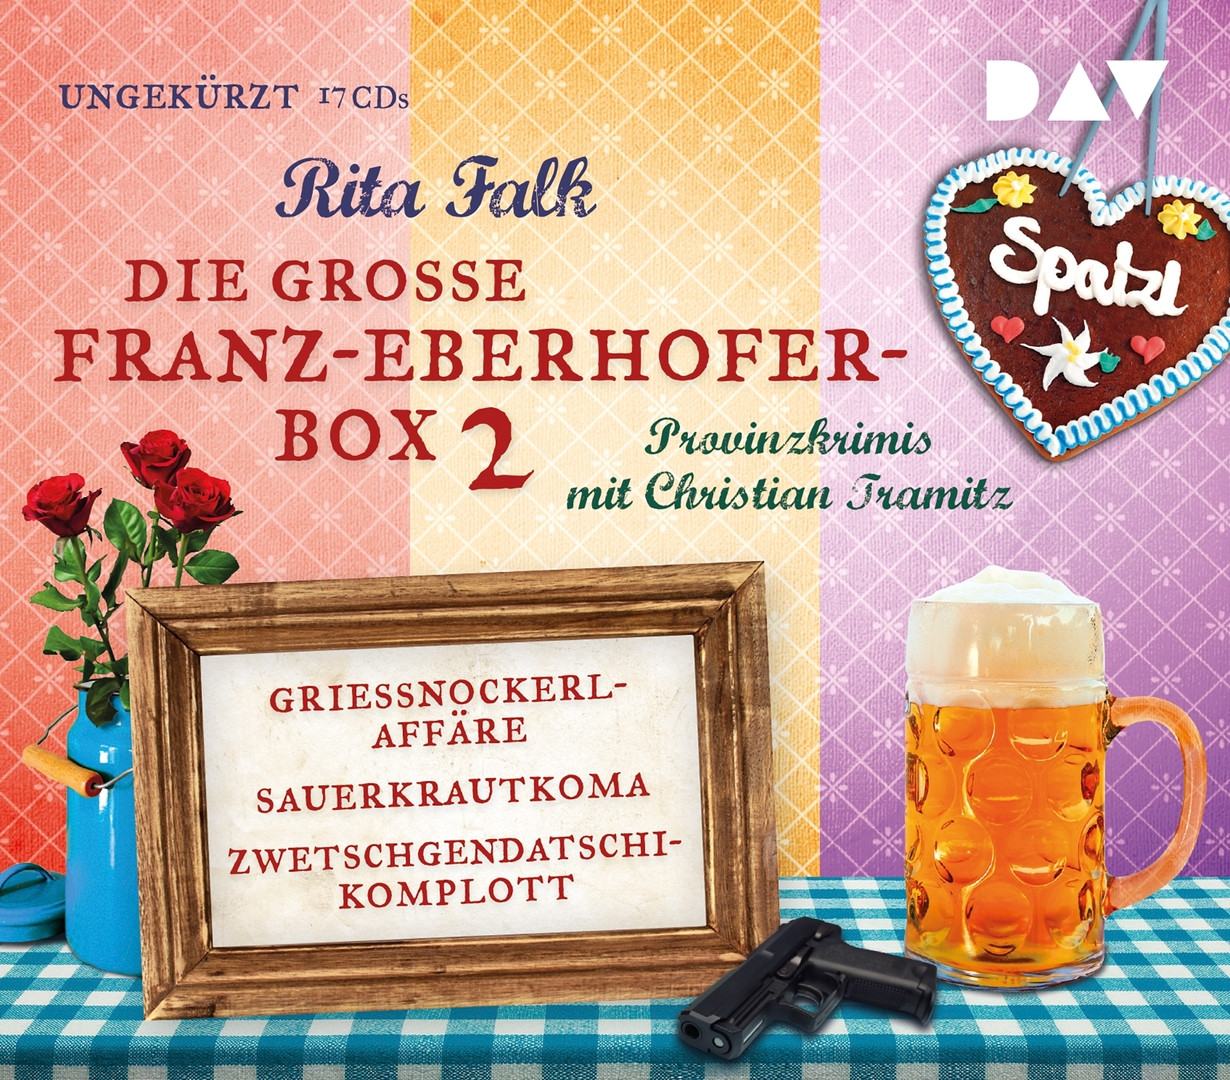 Rita Falk - Die große Franz-Eberhofer-Box 2